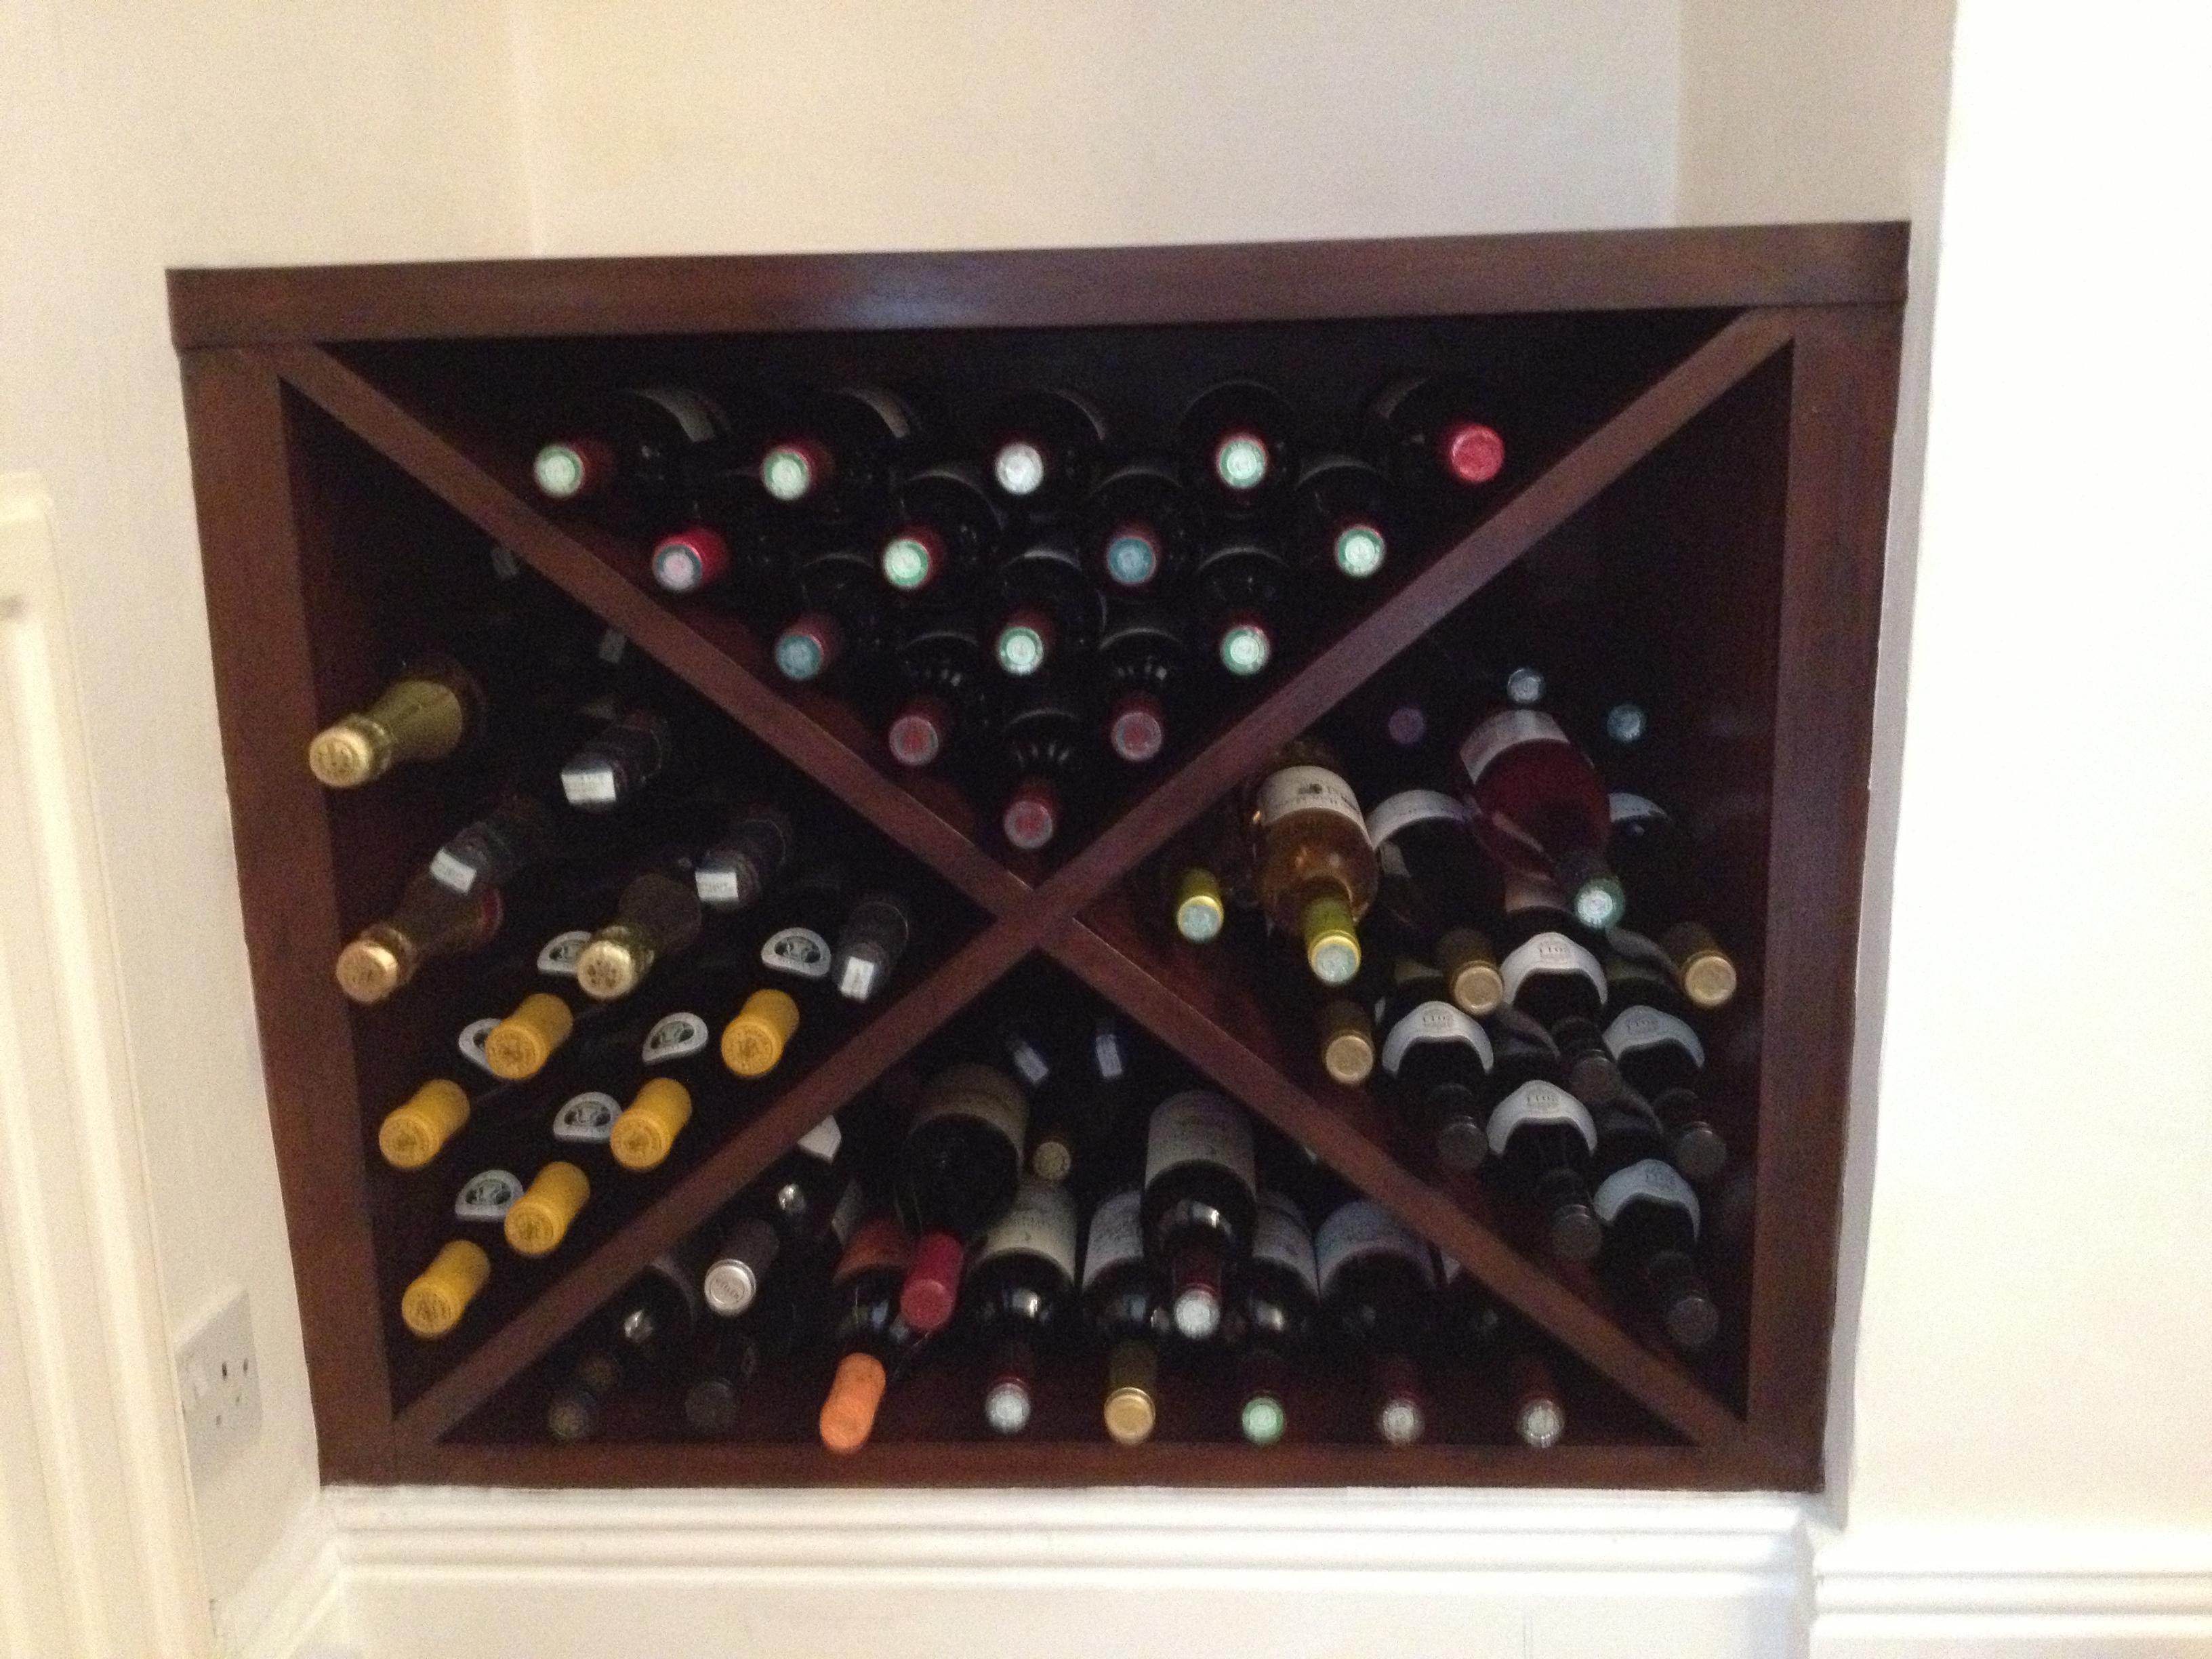 Bespoke wine shelf